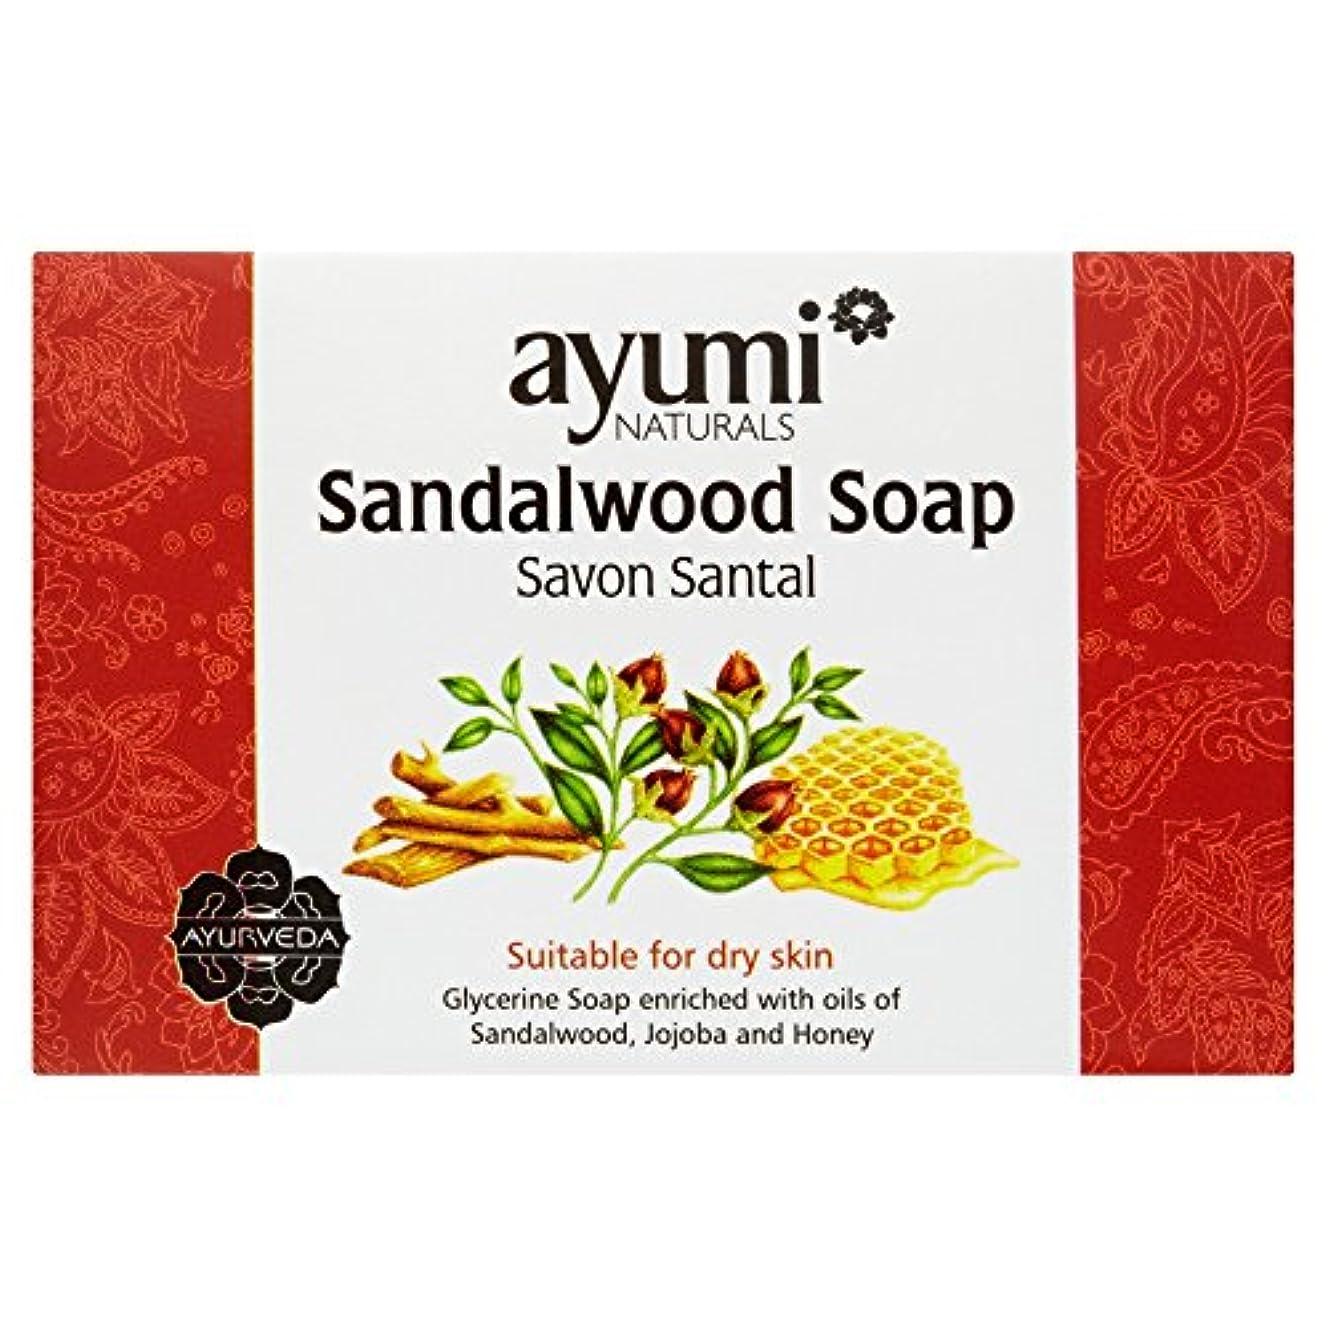 セッショントランスペアレント時系列Ayumi Sandalwood Soap 100g